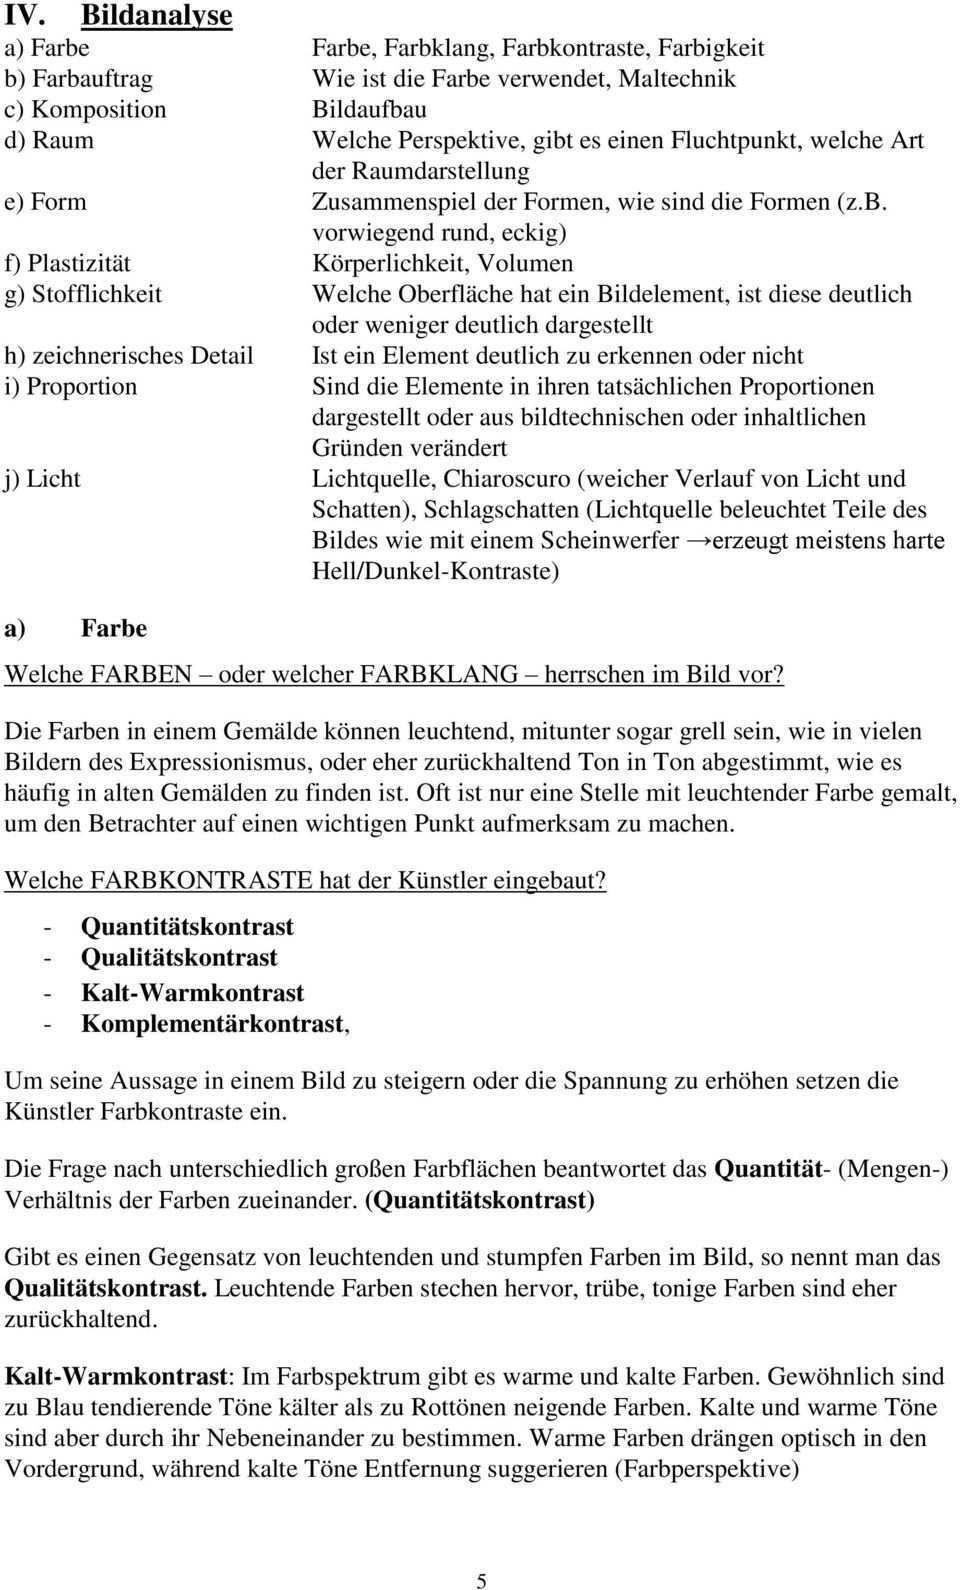 Anleitung Fur Eine Bildbeschreibung Und Eine Bildanalyse Pdf Free Download